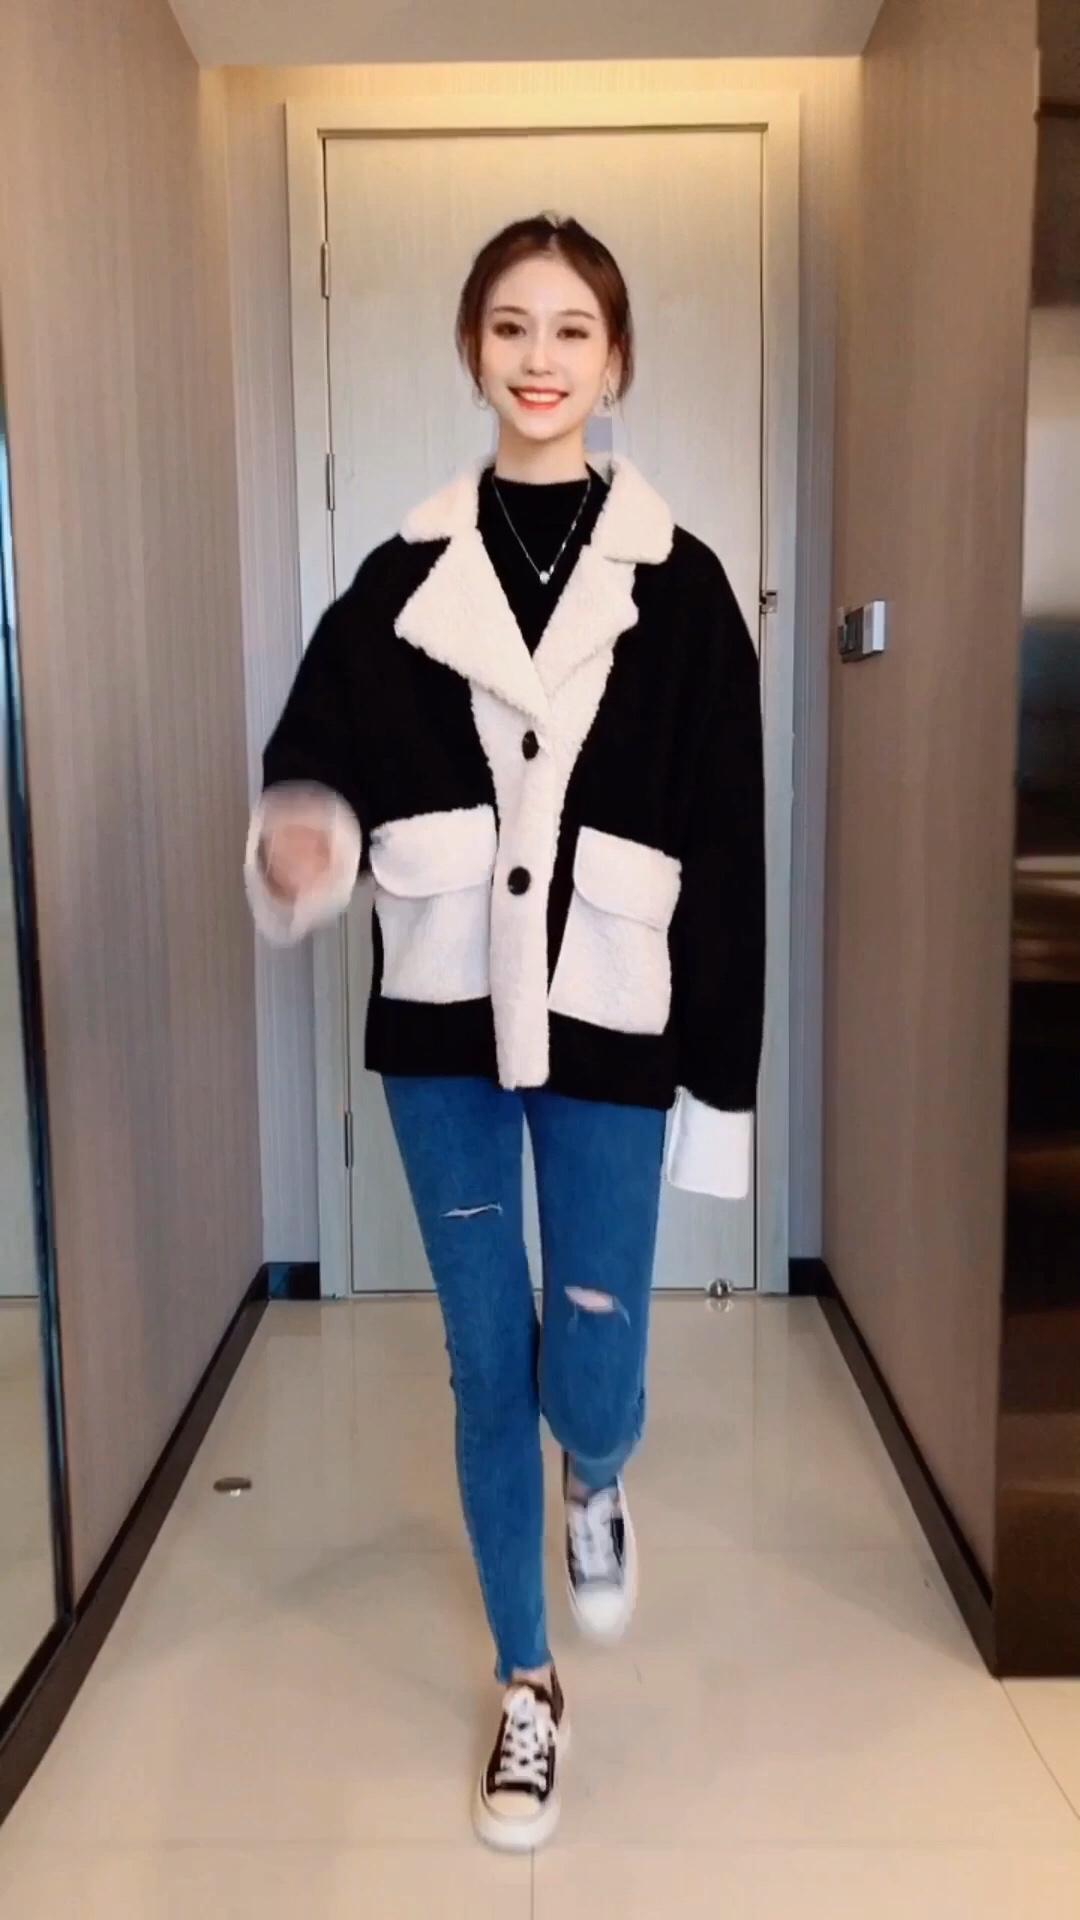 不能有个拥抱,还可以买件外套#双十一热销榜,这件第一名!#